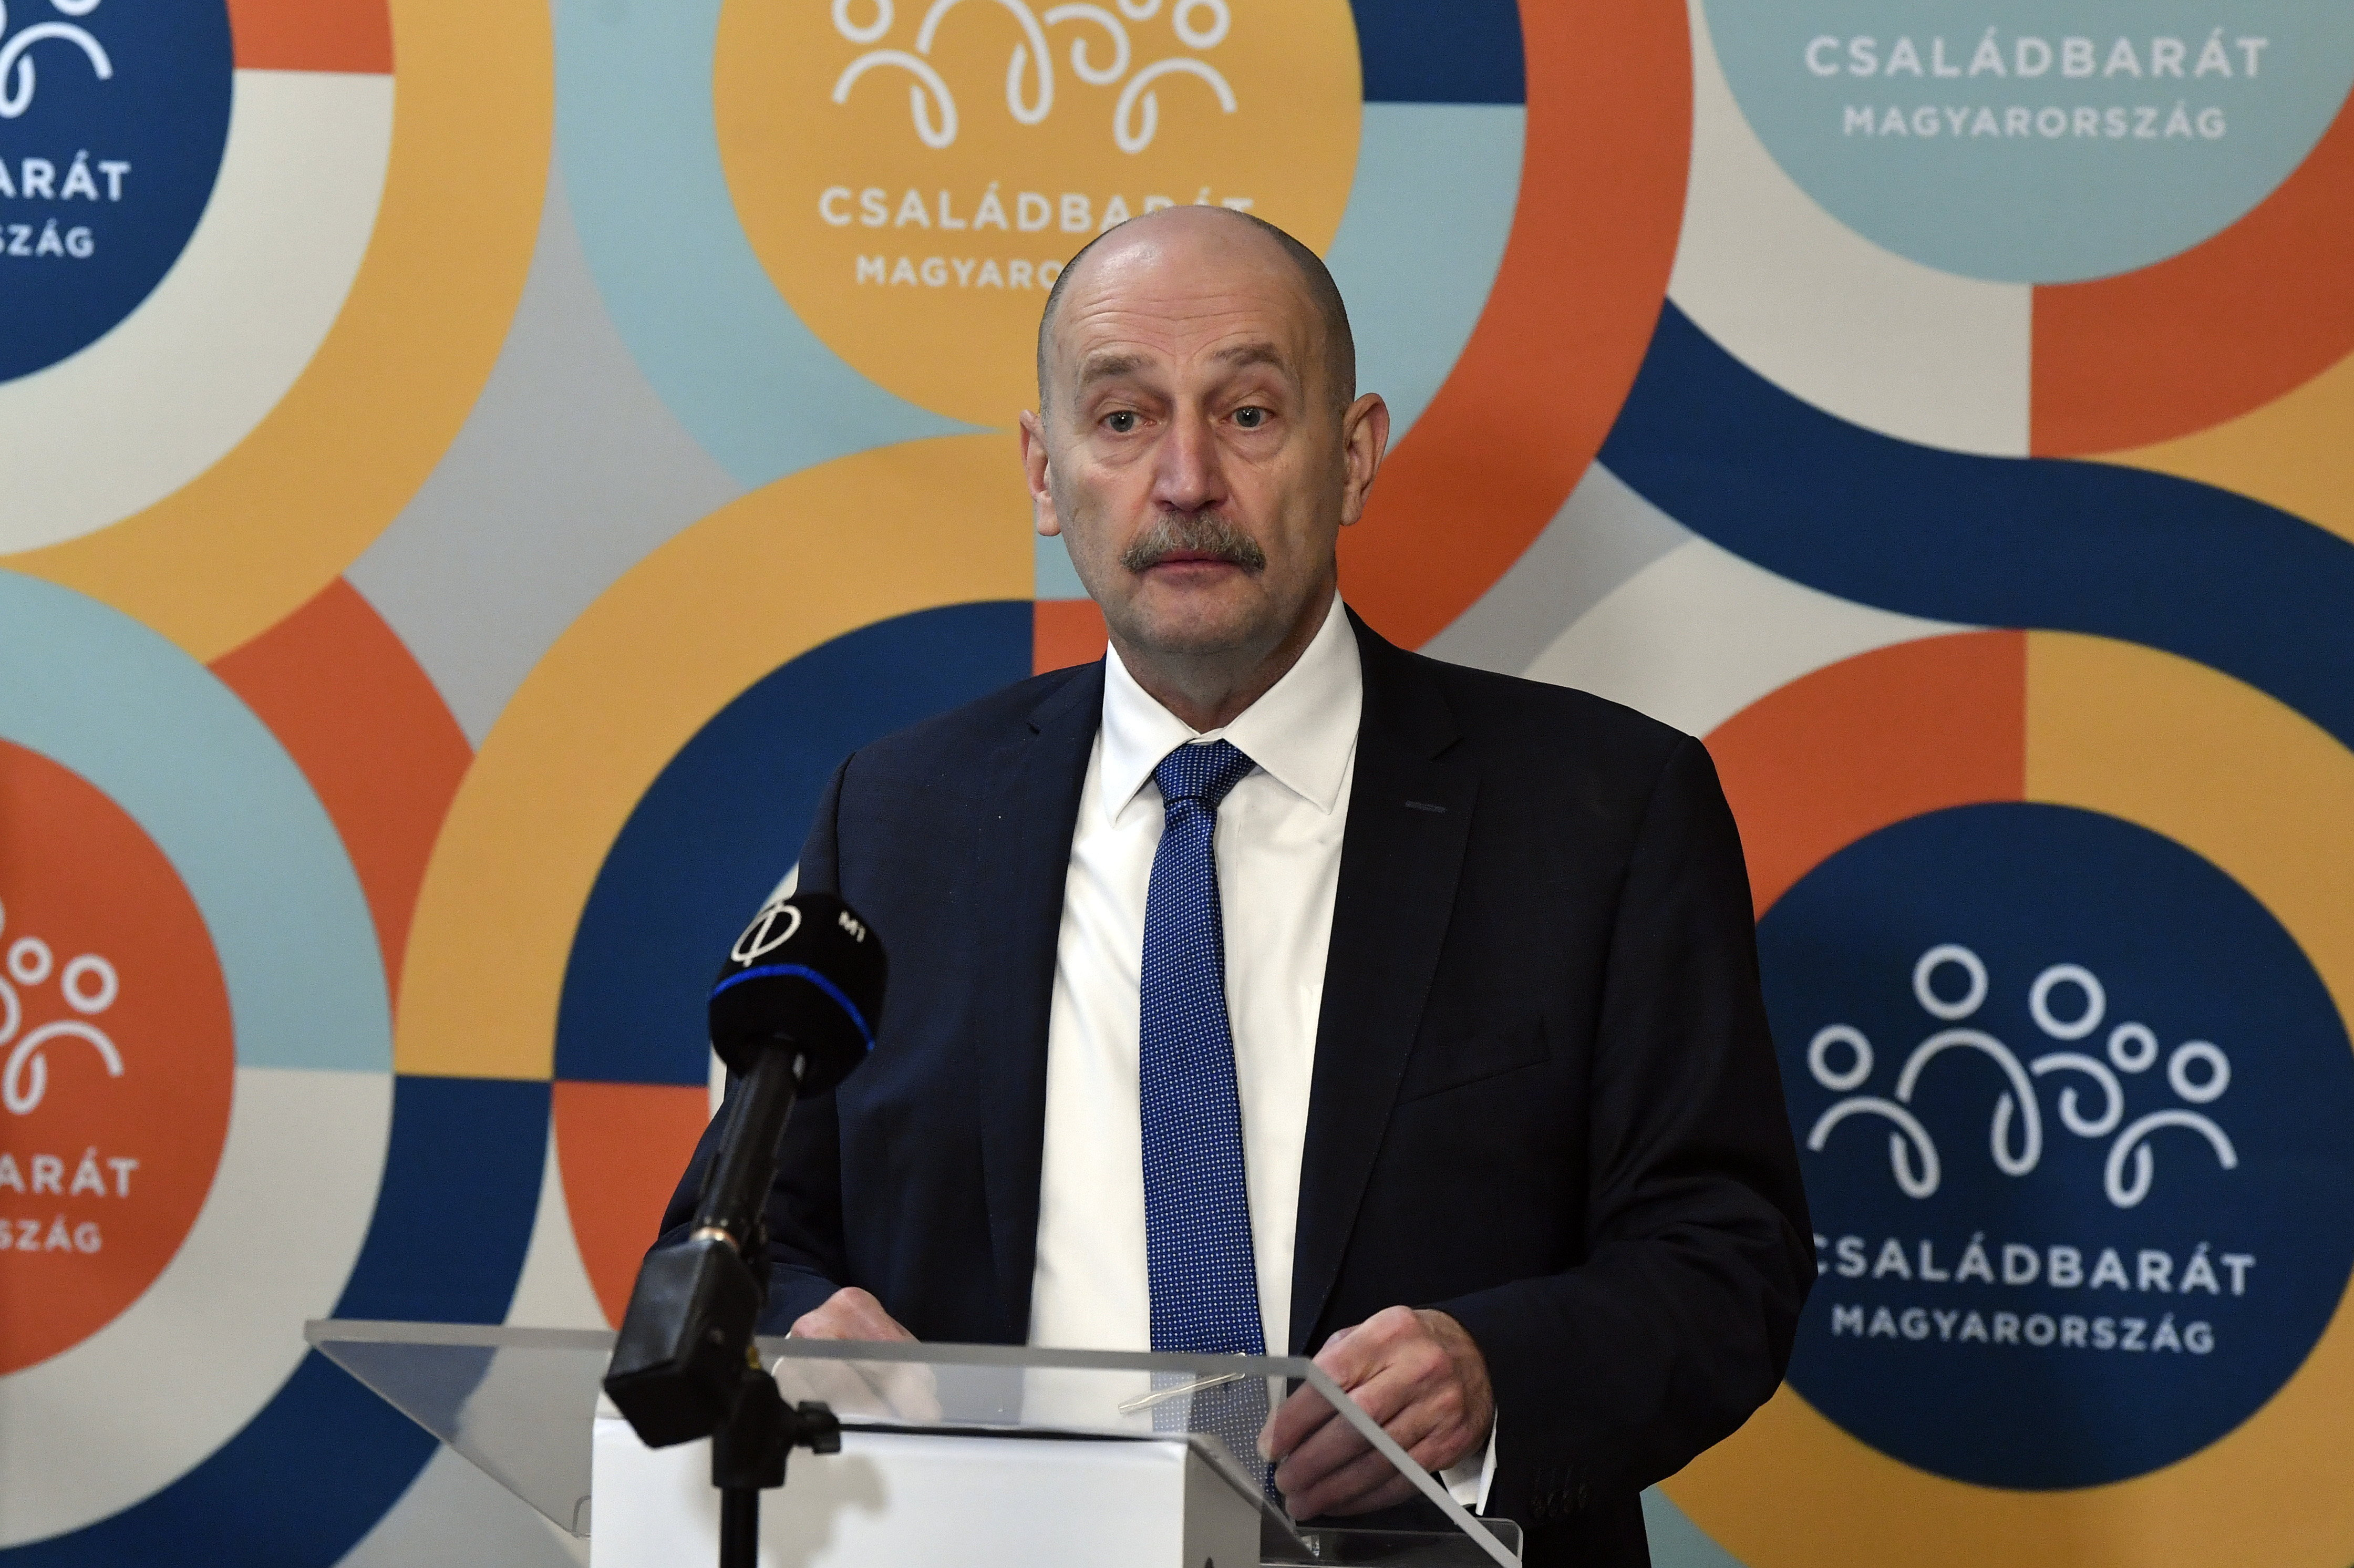 Távozik a Magyar Államkincstár vezetője